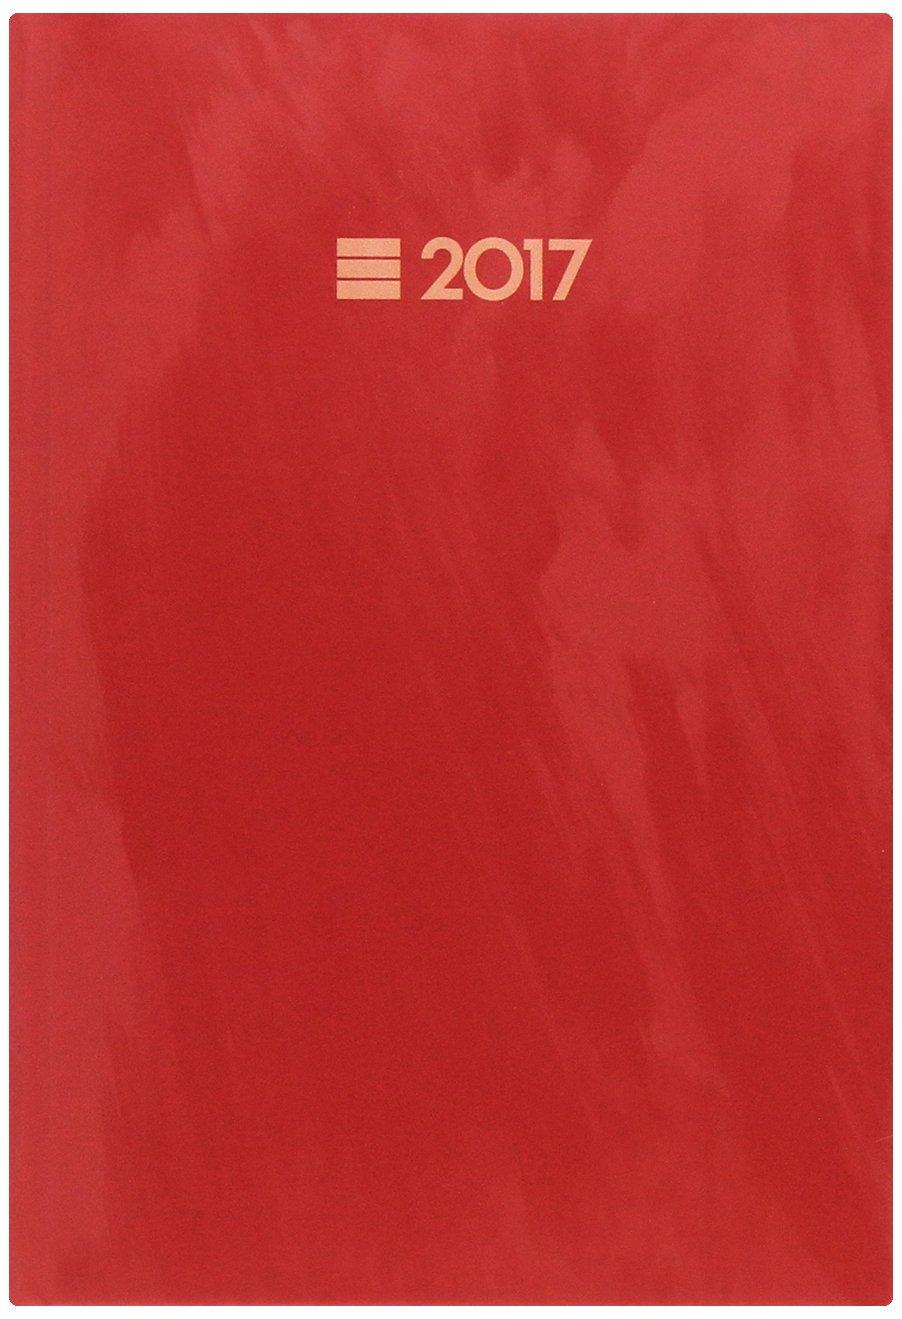 Finocam 623513017 - Agenda 2017, encuadernada, semana vista ...